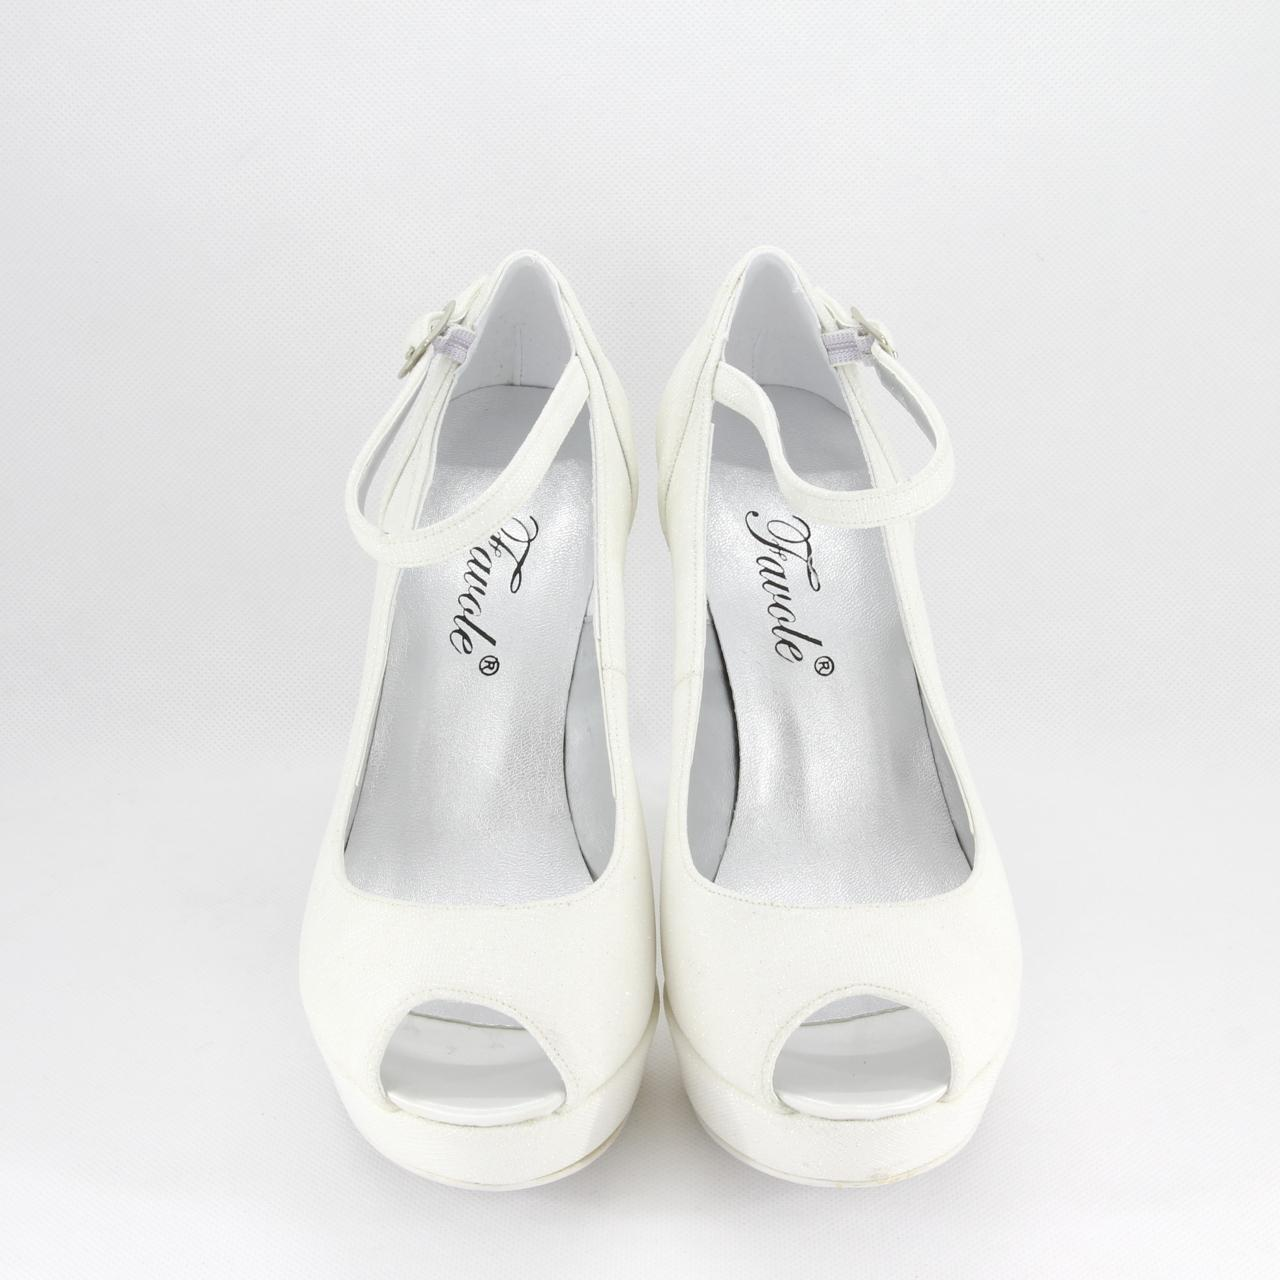 Décolleté donna elegante da cerimonia in tessuto glitter bianco con cinghietta regolabile alla caviglia  Art.MARTA Gi. Effe Ci